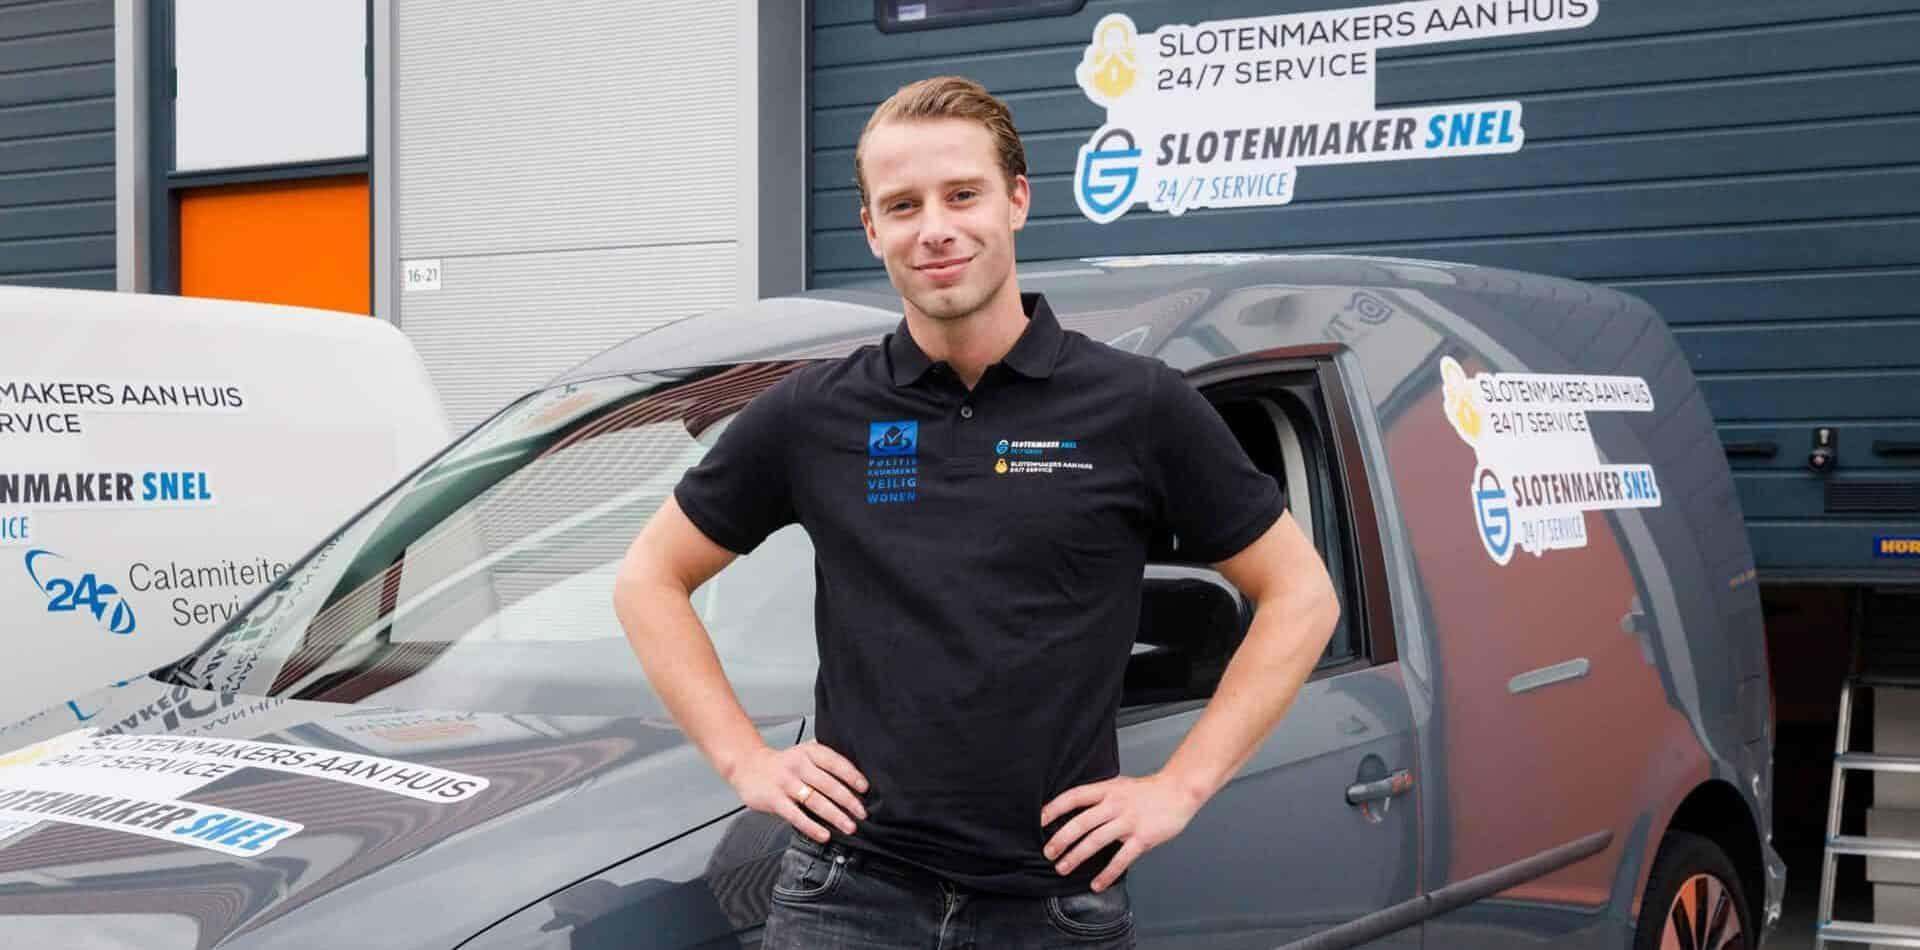 Slotenmaker Oisterwijk (6)